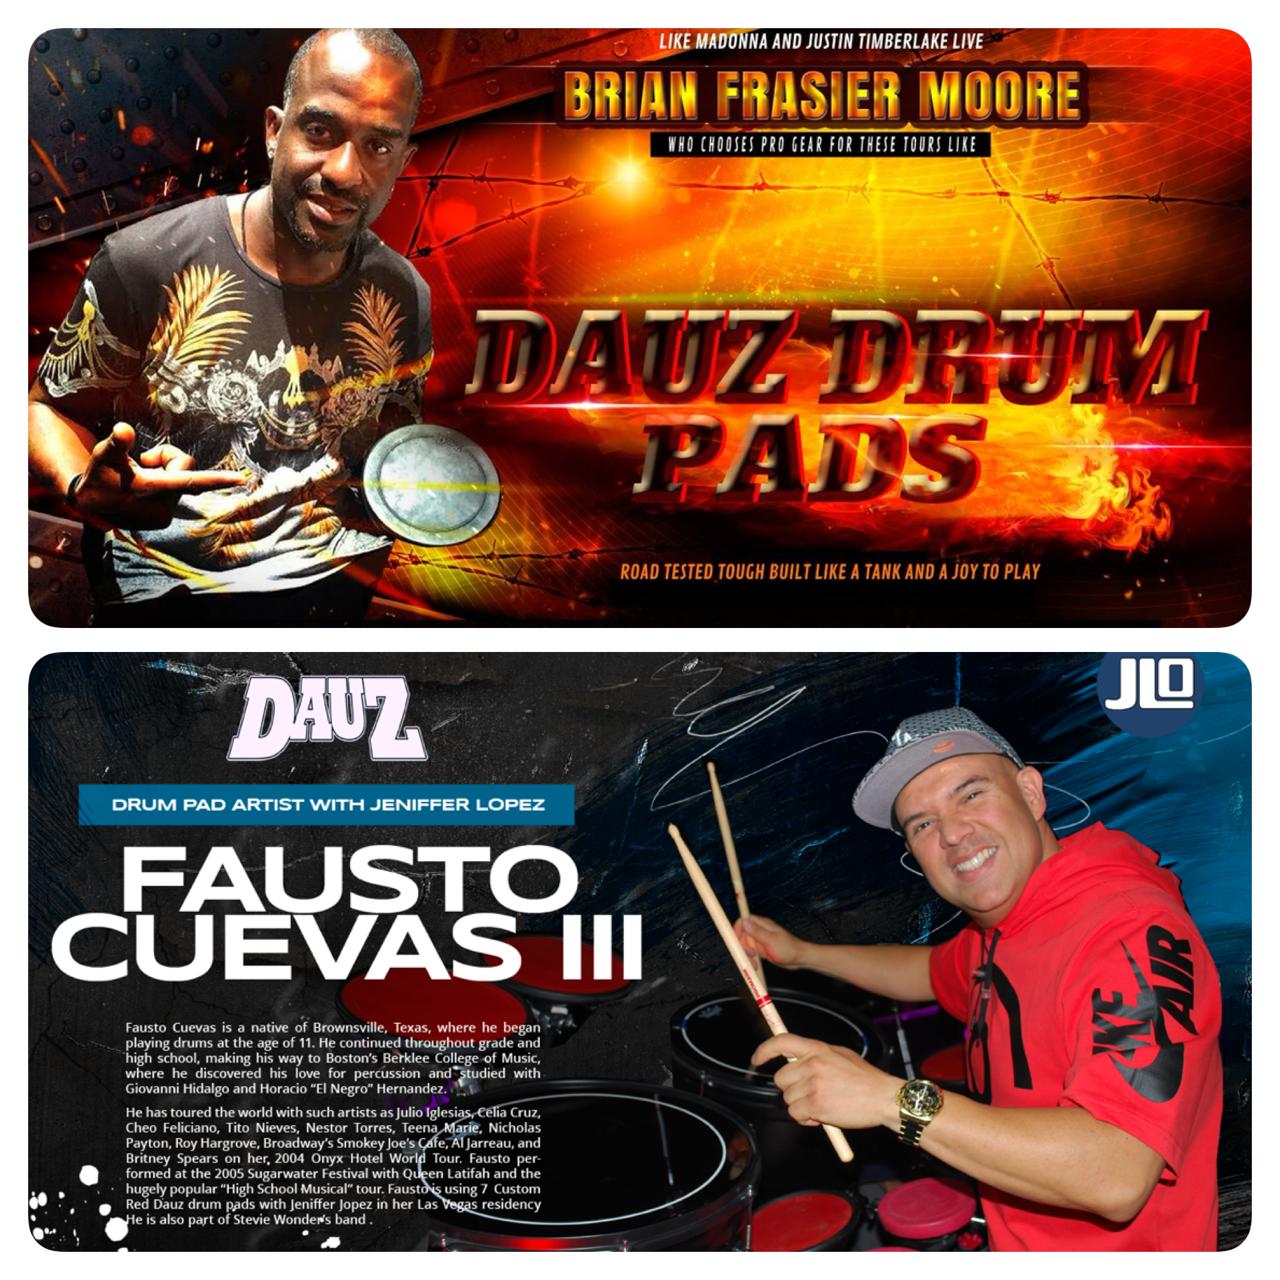 BRIAN FRASIER MOORE & FAUSTO CUEVAS III